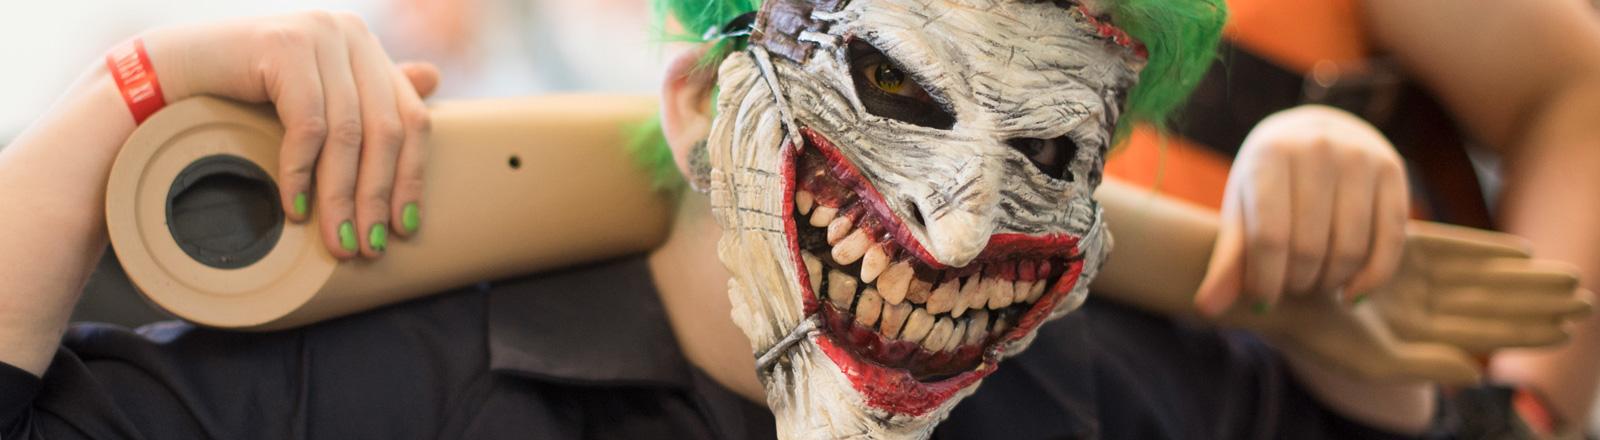 Auf der Spielemesse Gamescom 2016 hat sich eine Frau als Joker verkleidetet. Er hat grüne Haare und trägt eine Maske mit einem großen Mund und riesigen Zähnen; Foto: dpa